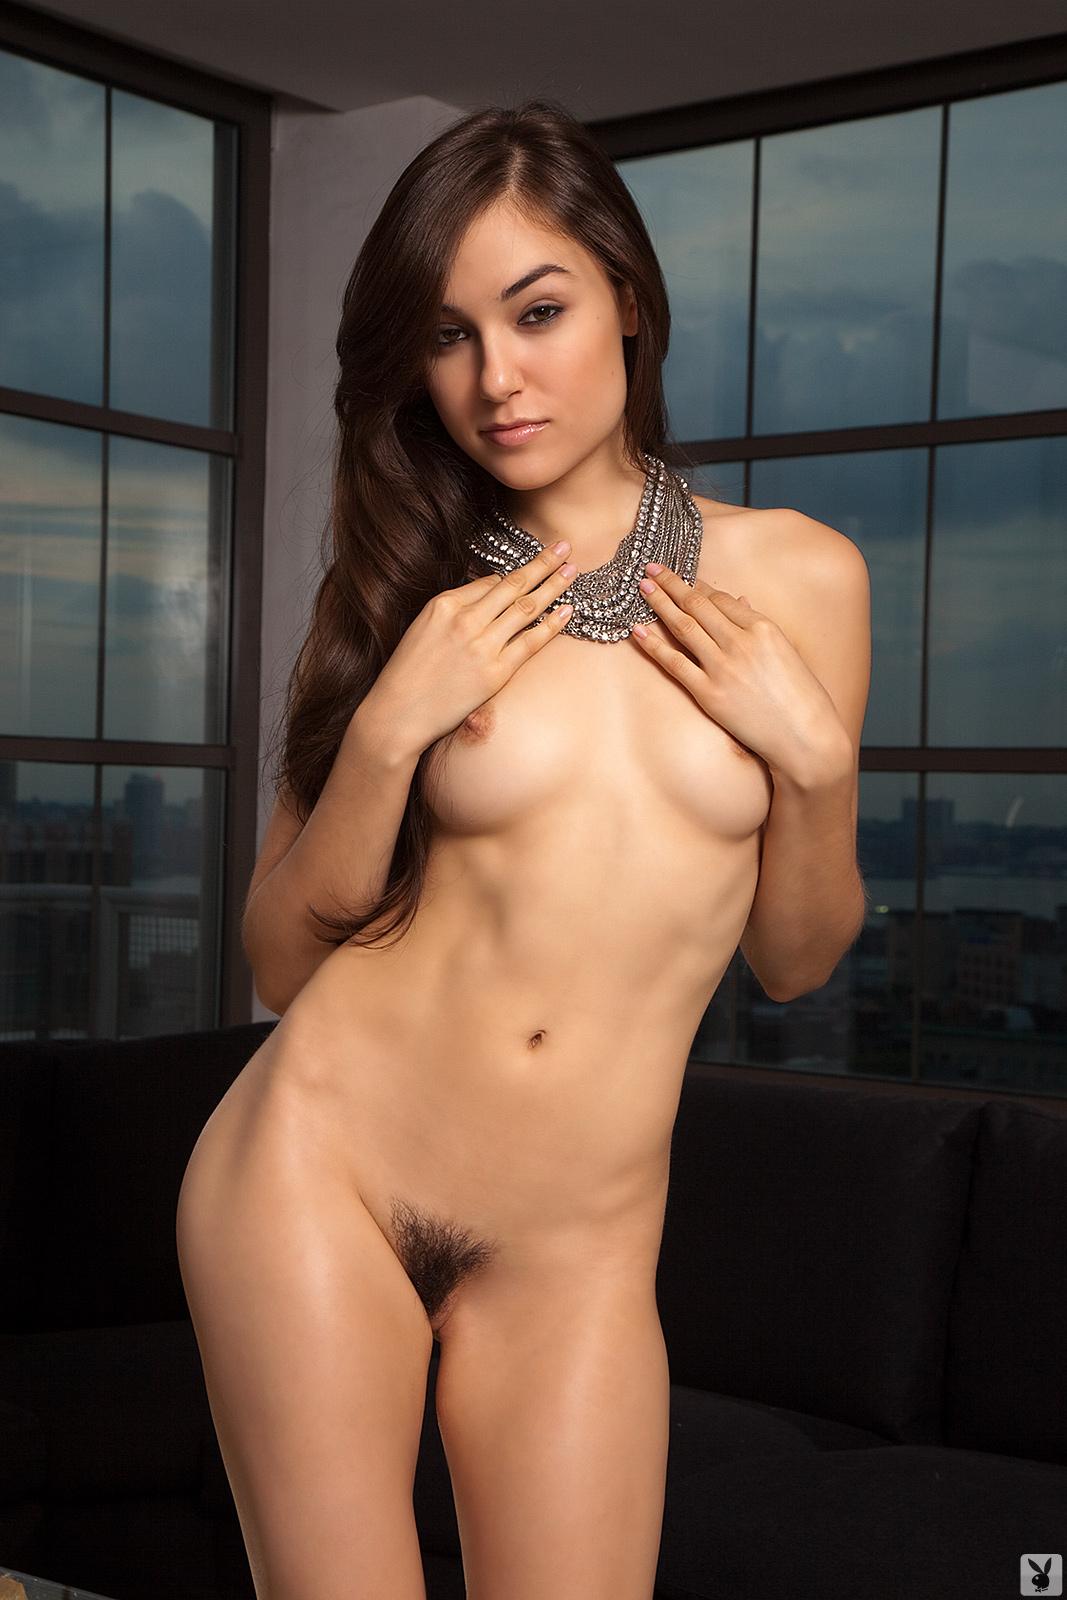 http://1.bp.blogspot.com/-K-GfTaClCL8/URzhiT_J_kI/AAAAAAAAAz0/3SE_XbDhLrA/s1600/11.jpg